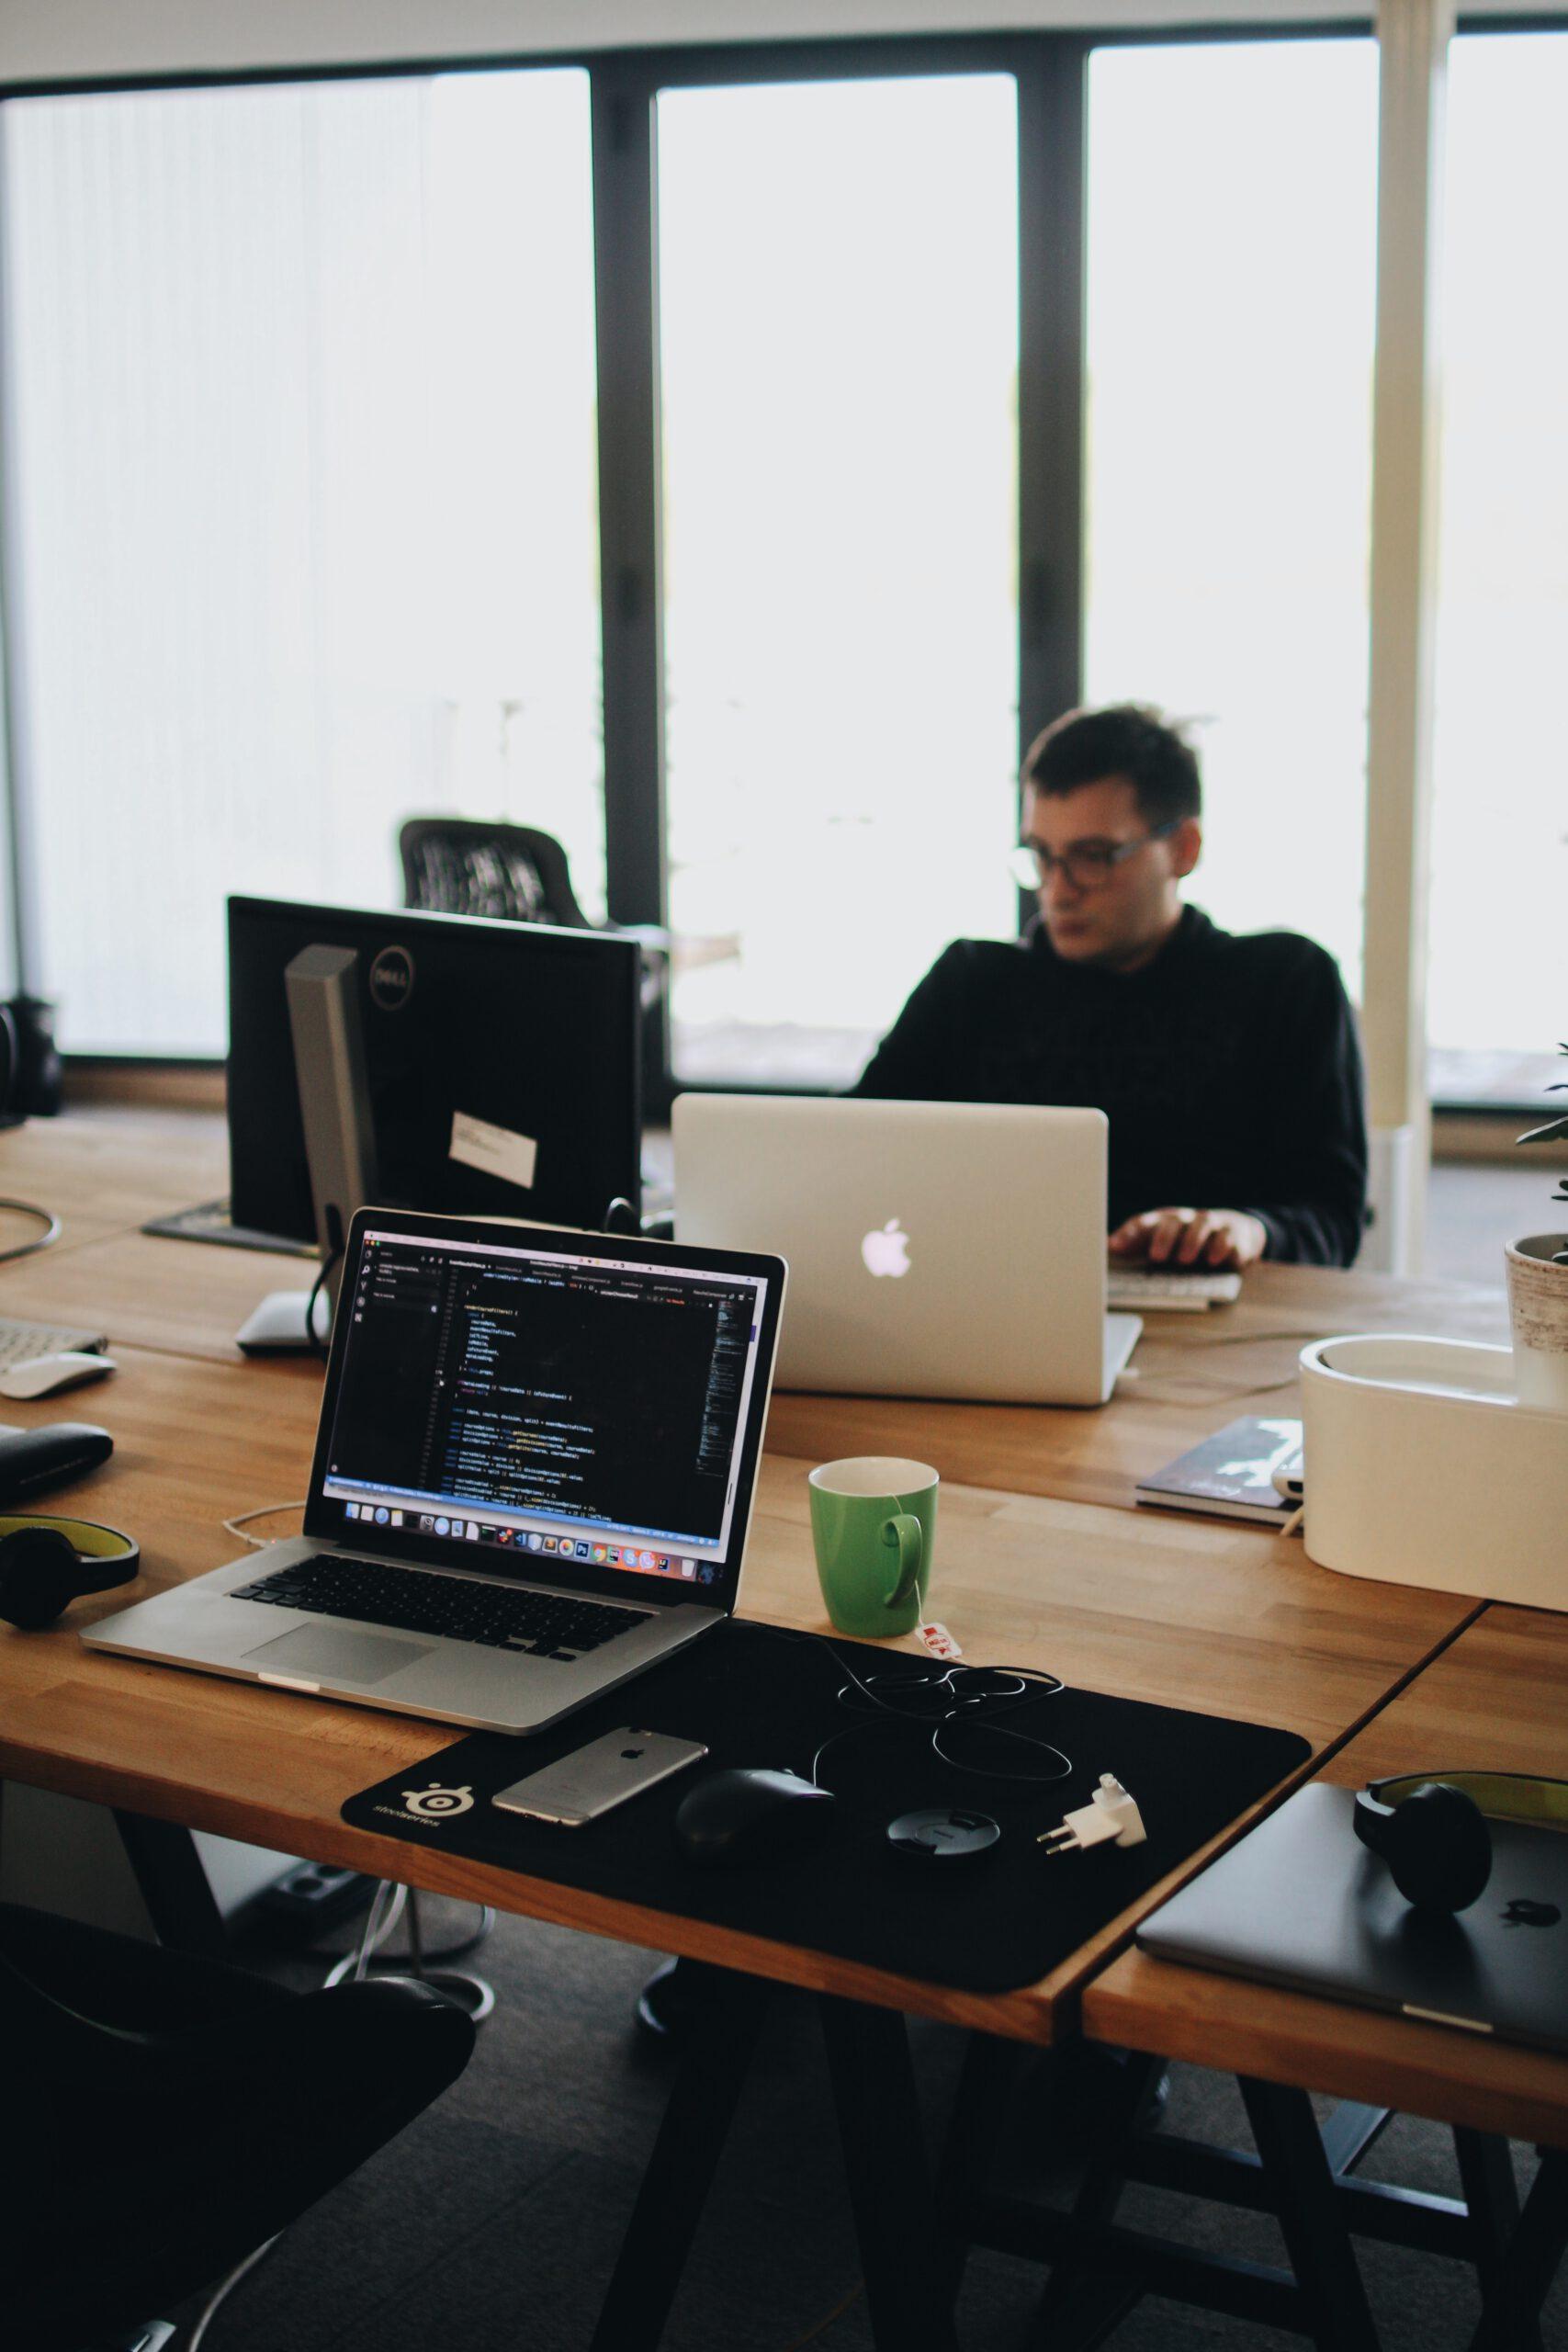 Hoe houd je met jouw bedrijf de digitalisering bij?